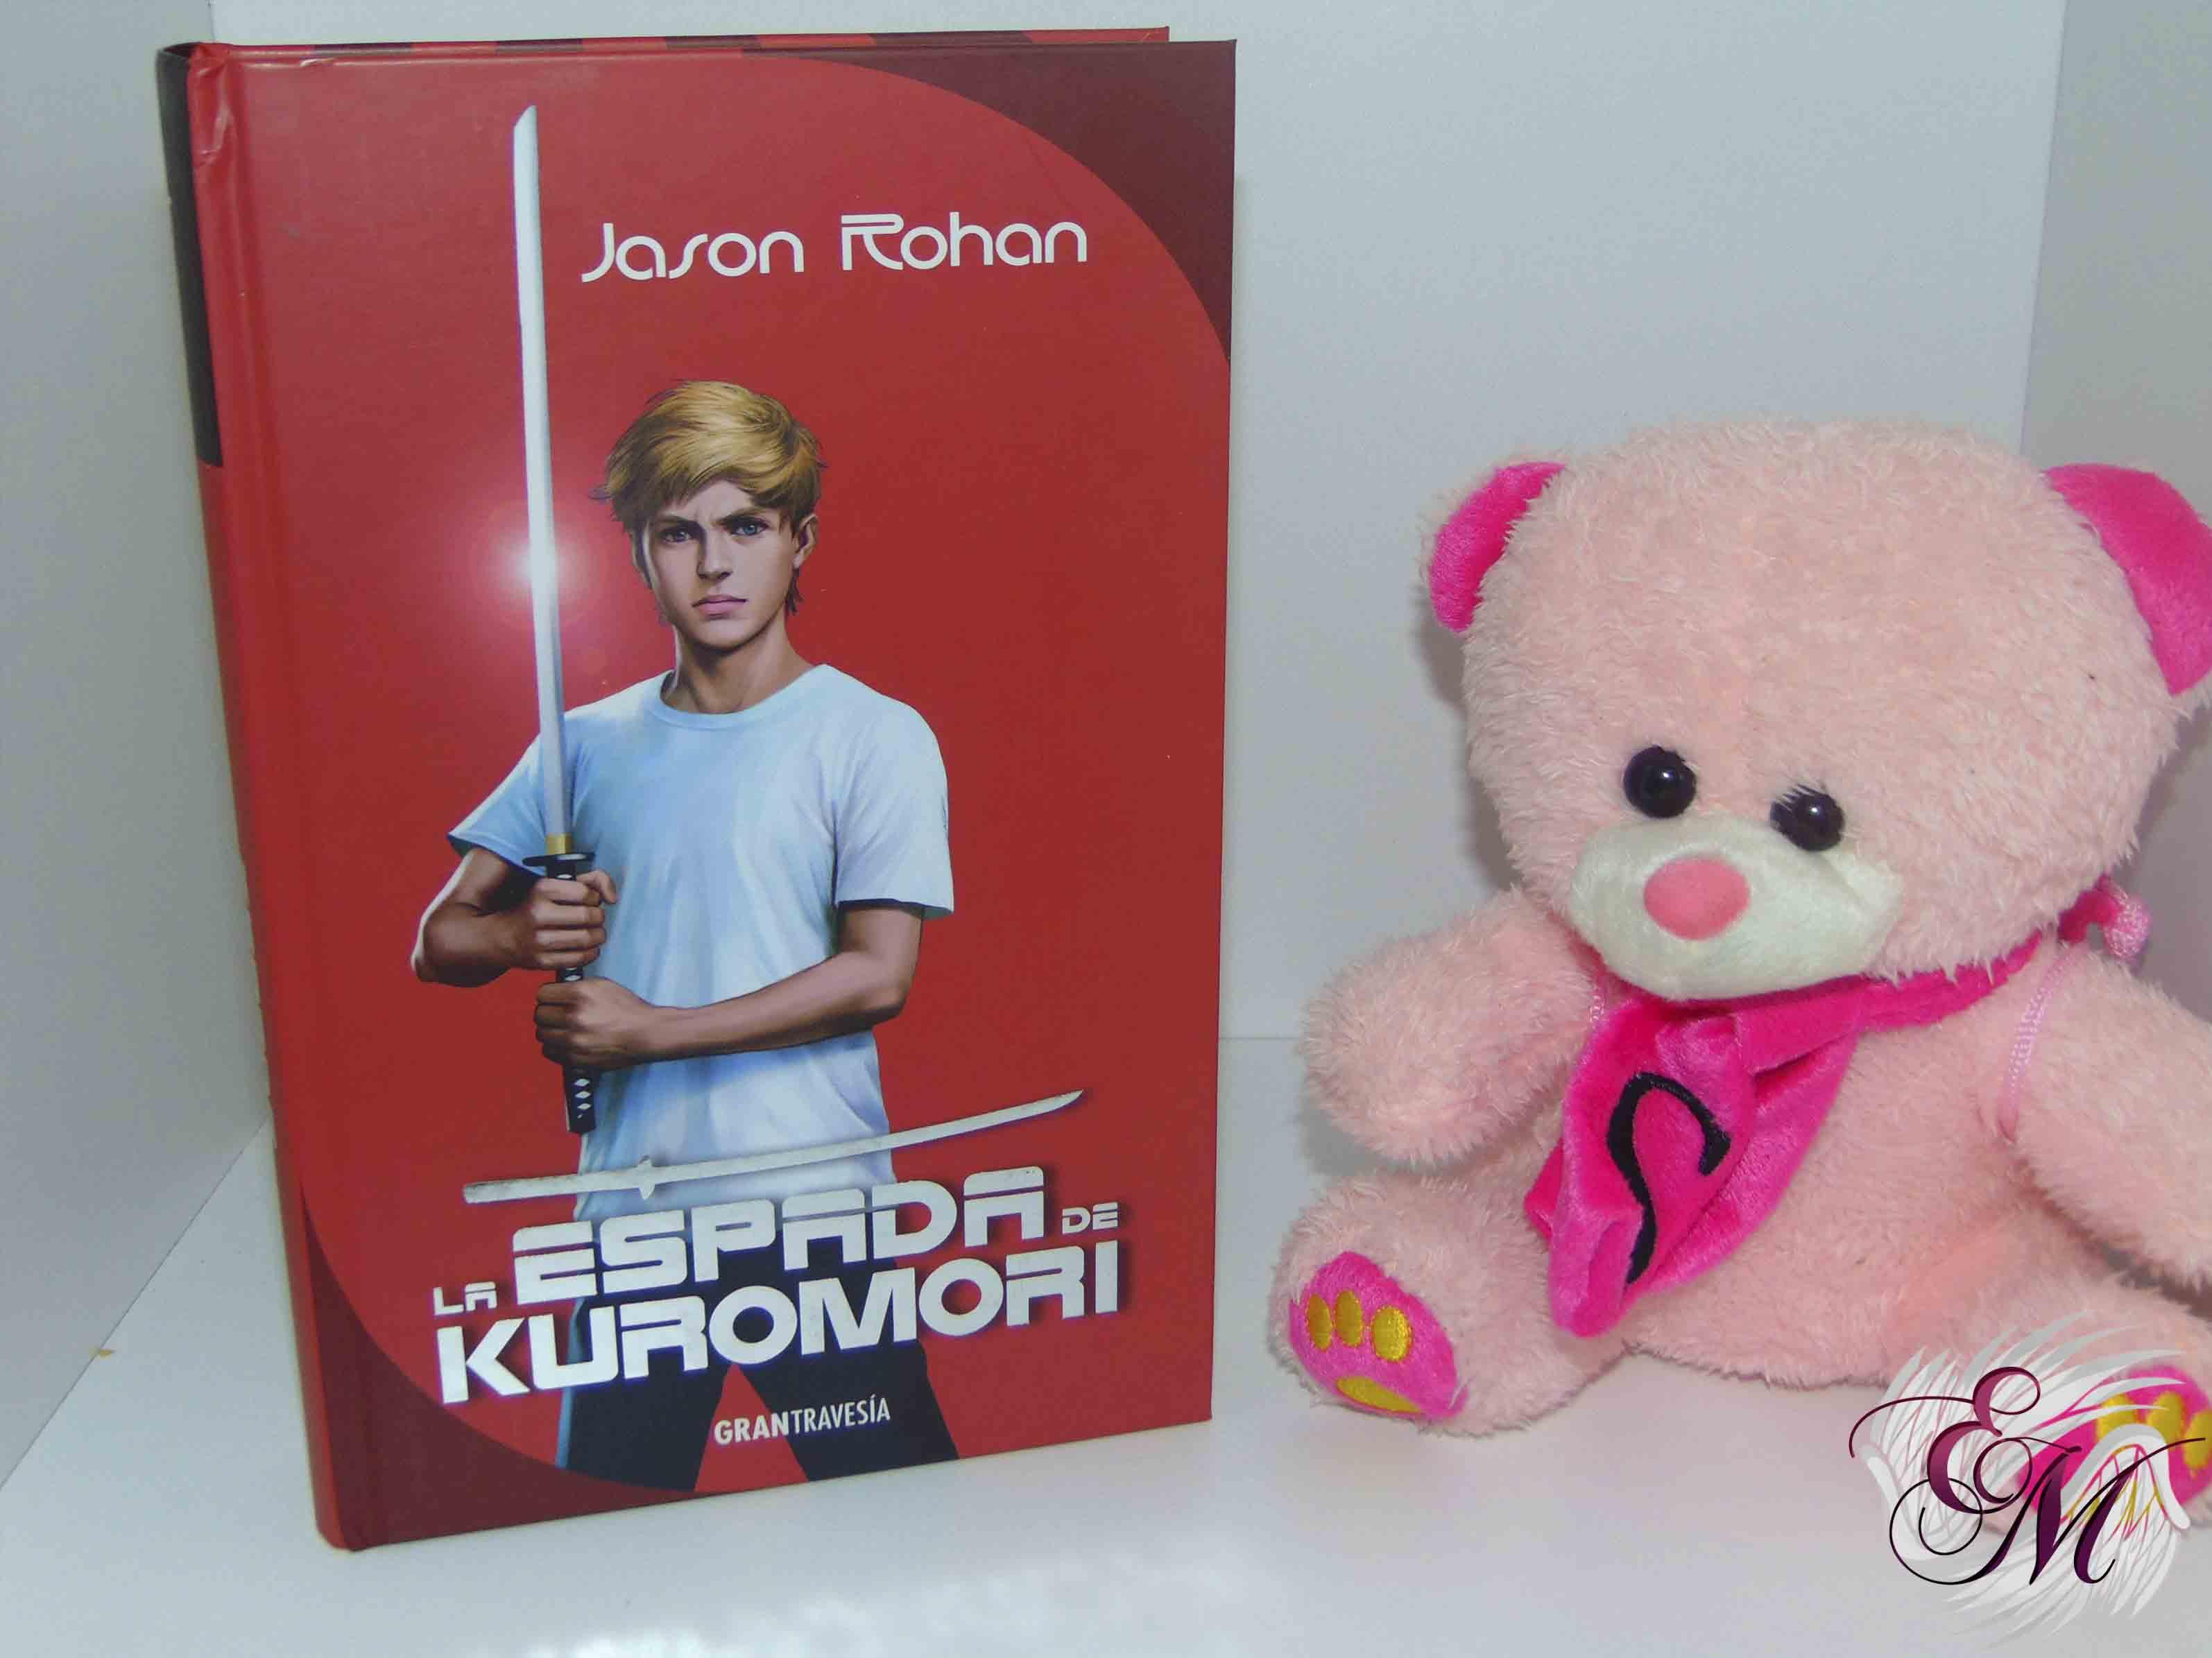 La espada de Kuromori, de Jason Rohan - Reseña